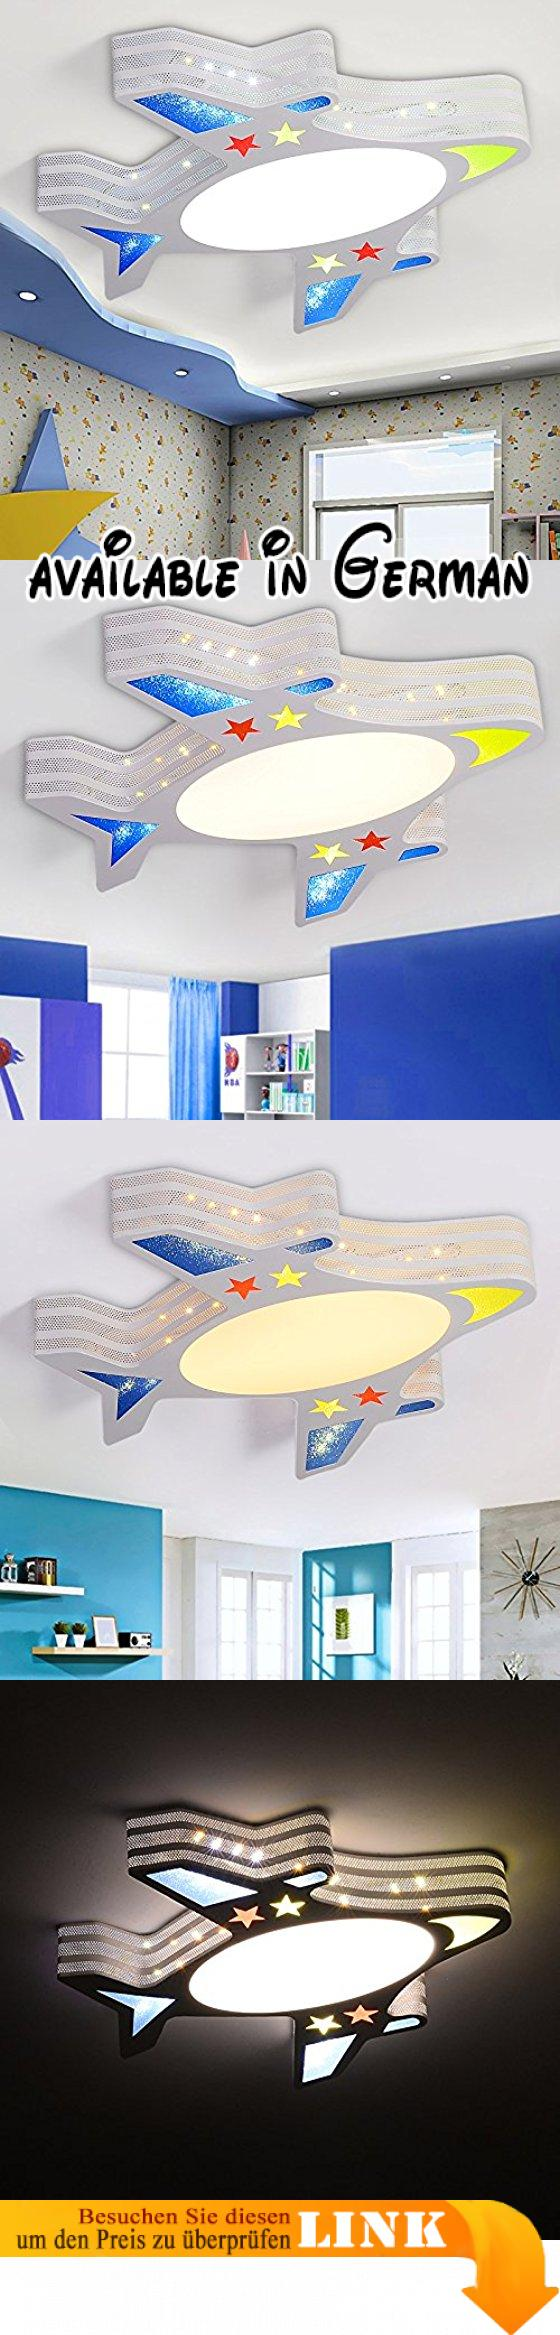 WAWZW Deckenlampe Cartoon Flugzeuge Licht Kinder- Deckenleuchte ...